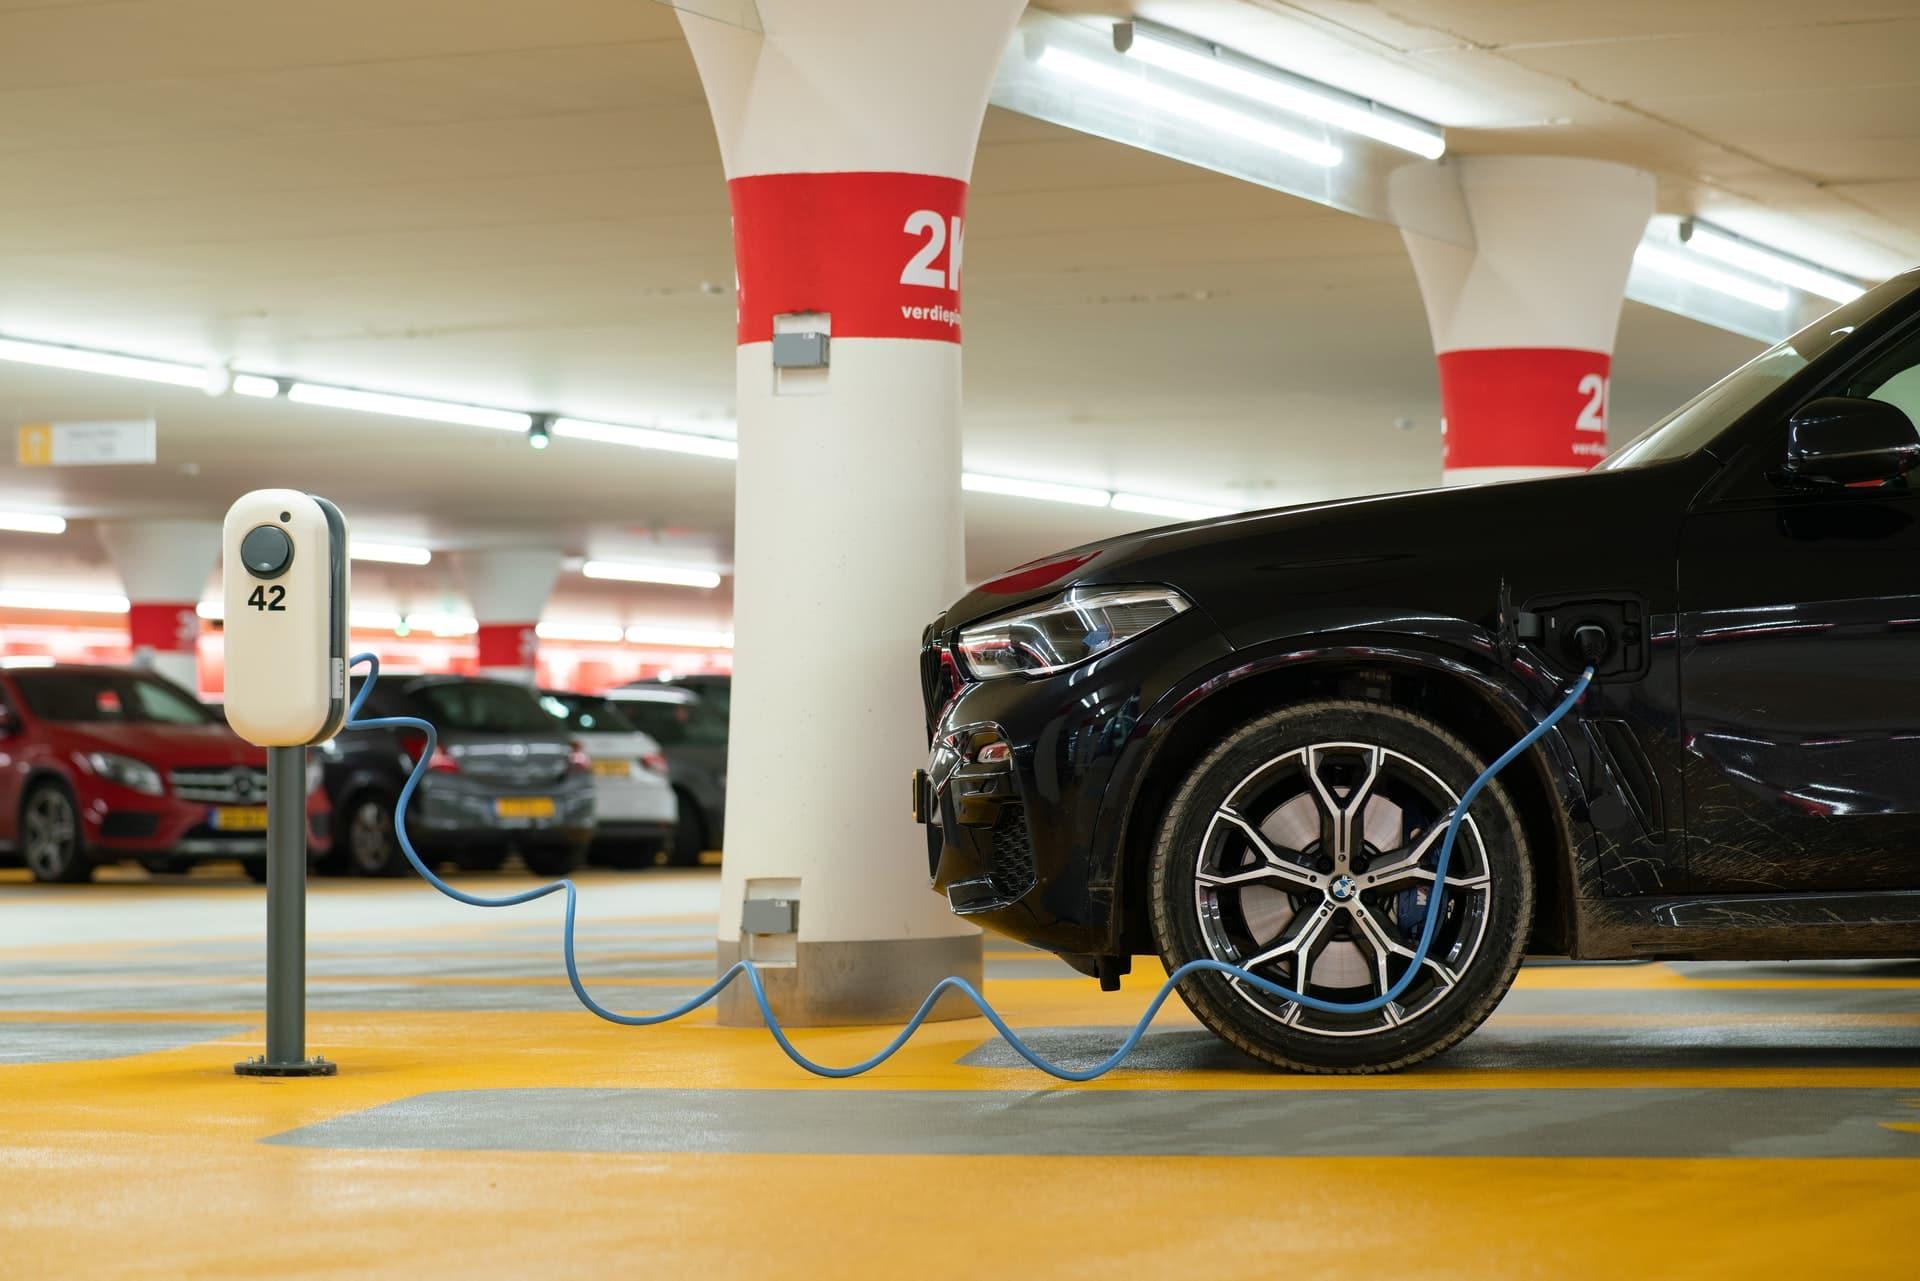 Les aides financières pour acheter un deux roues électrique